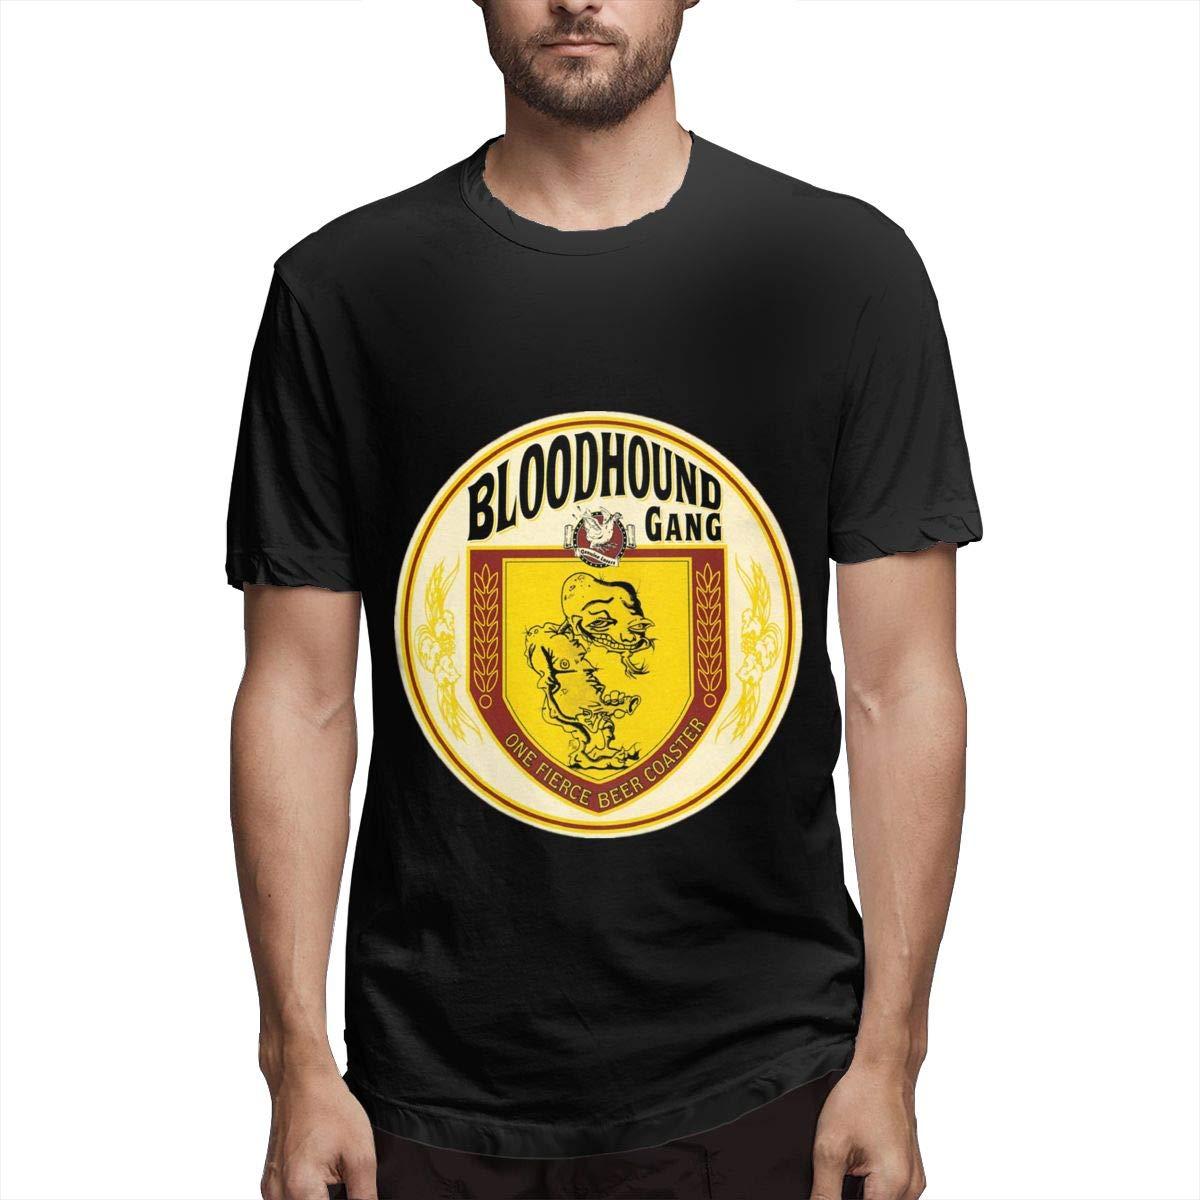 Lihehen S Bloodhound Gang Fashion Leisure Round Neck Shirts